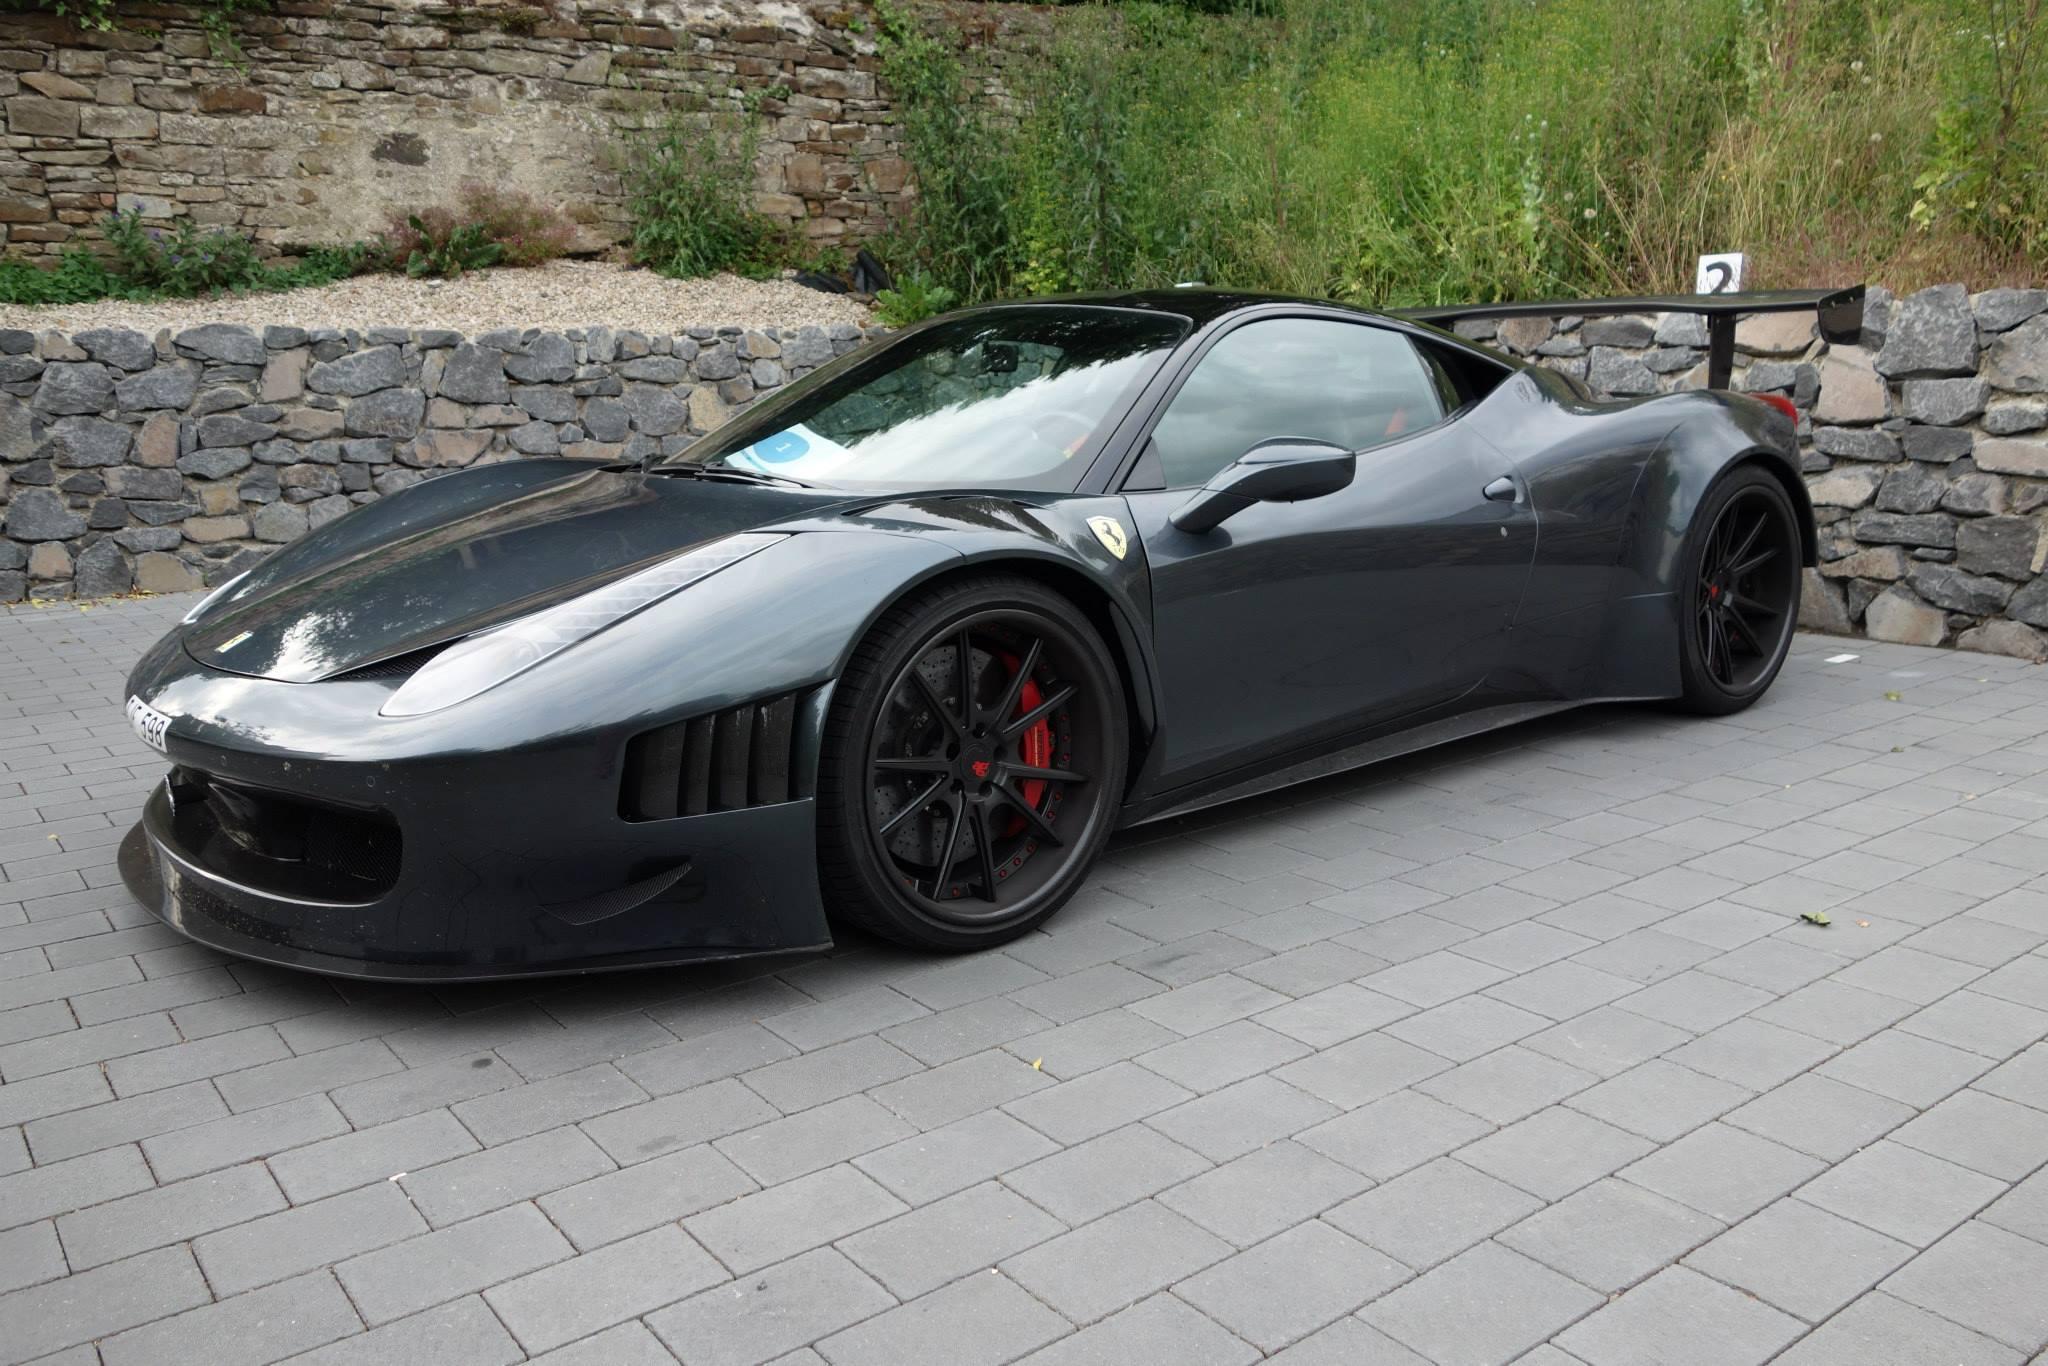 Ferrari Curseive GT3 front